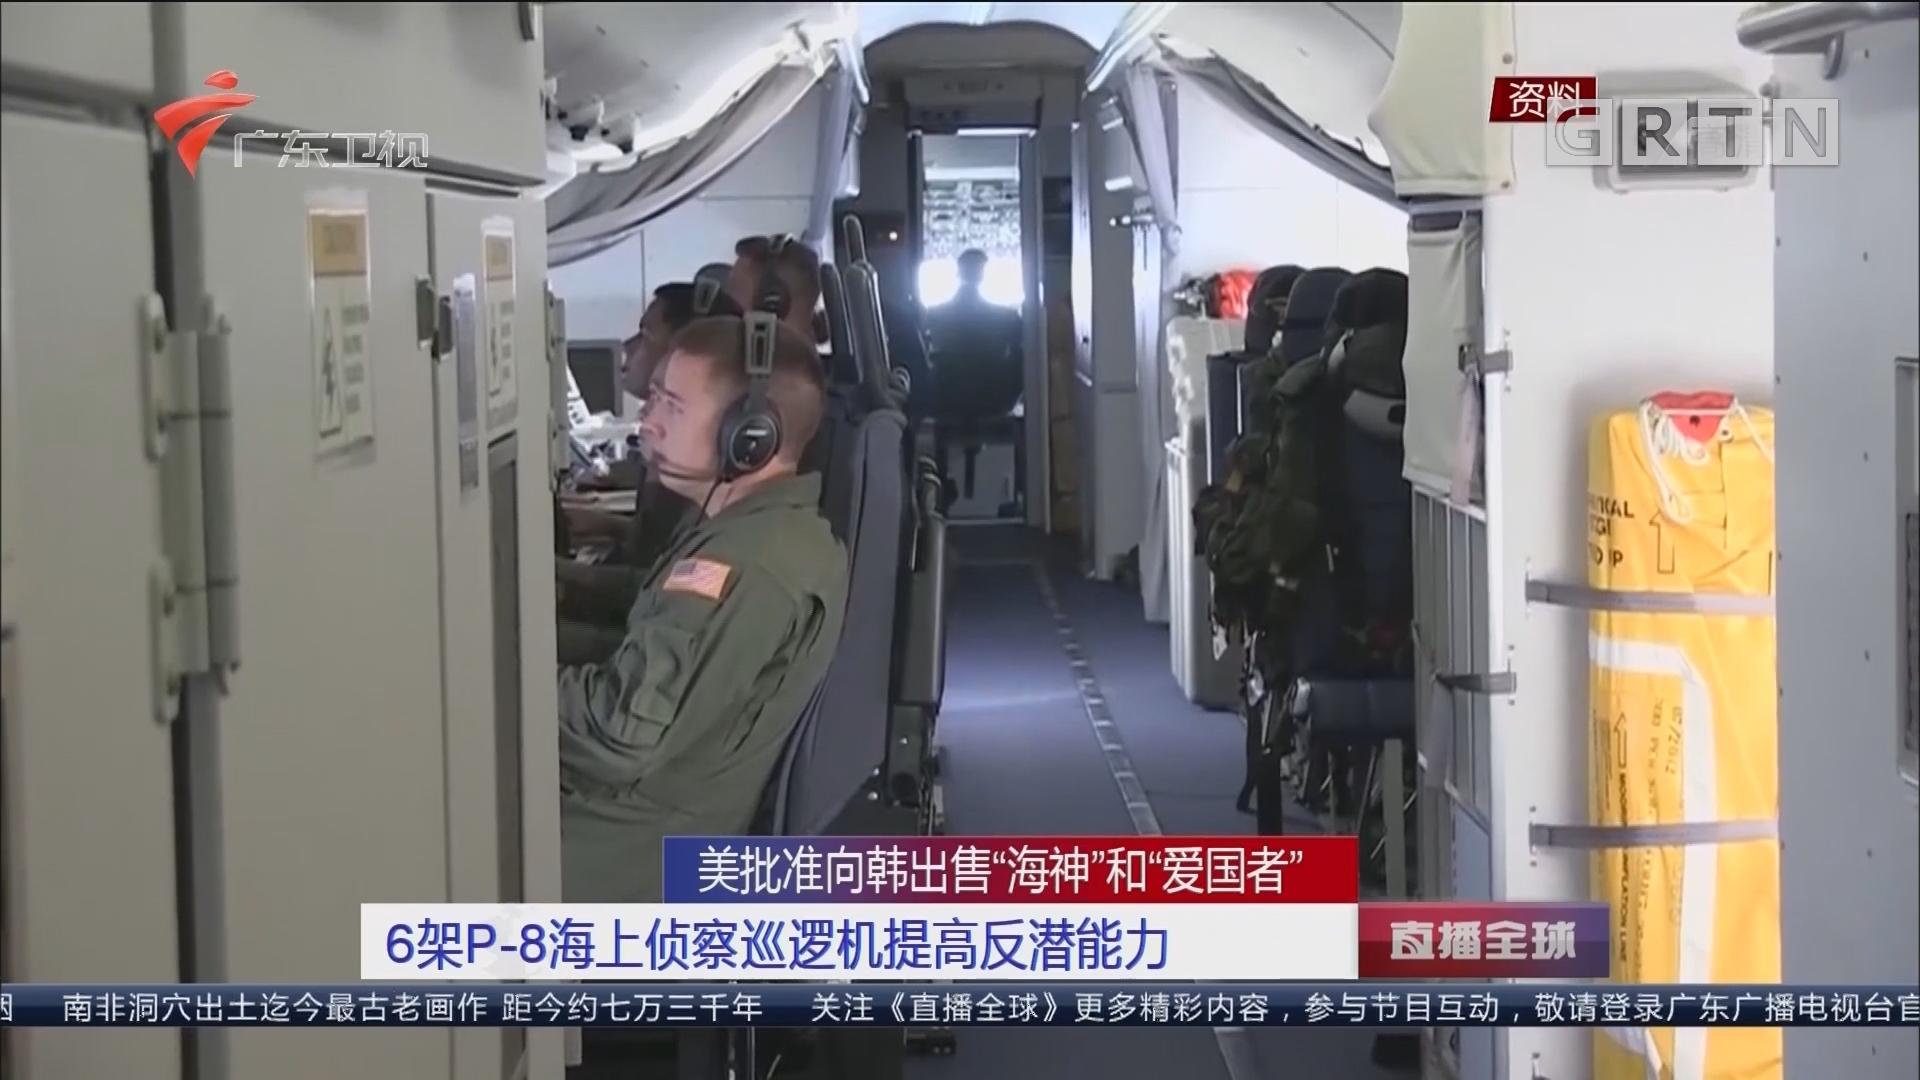 """美批准向韩出售""""海神""""和""""爱国者"""" 6架P-8海上侦察巡逻机提高反潜能力"""